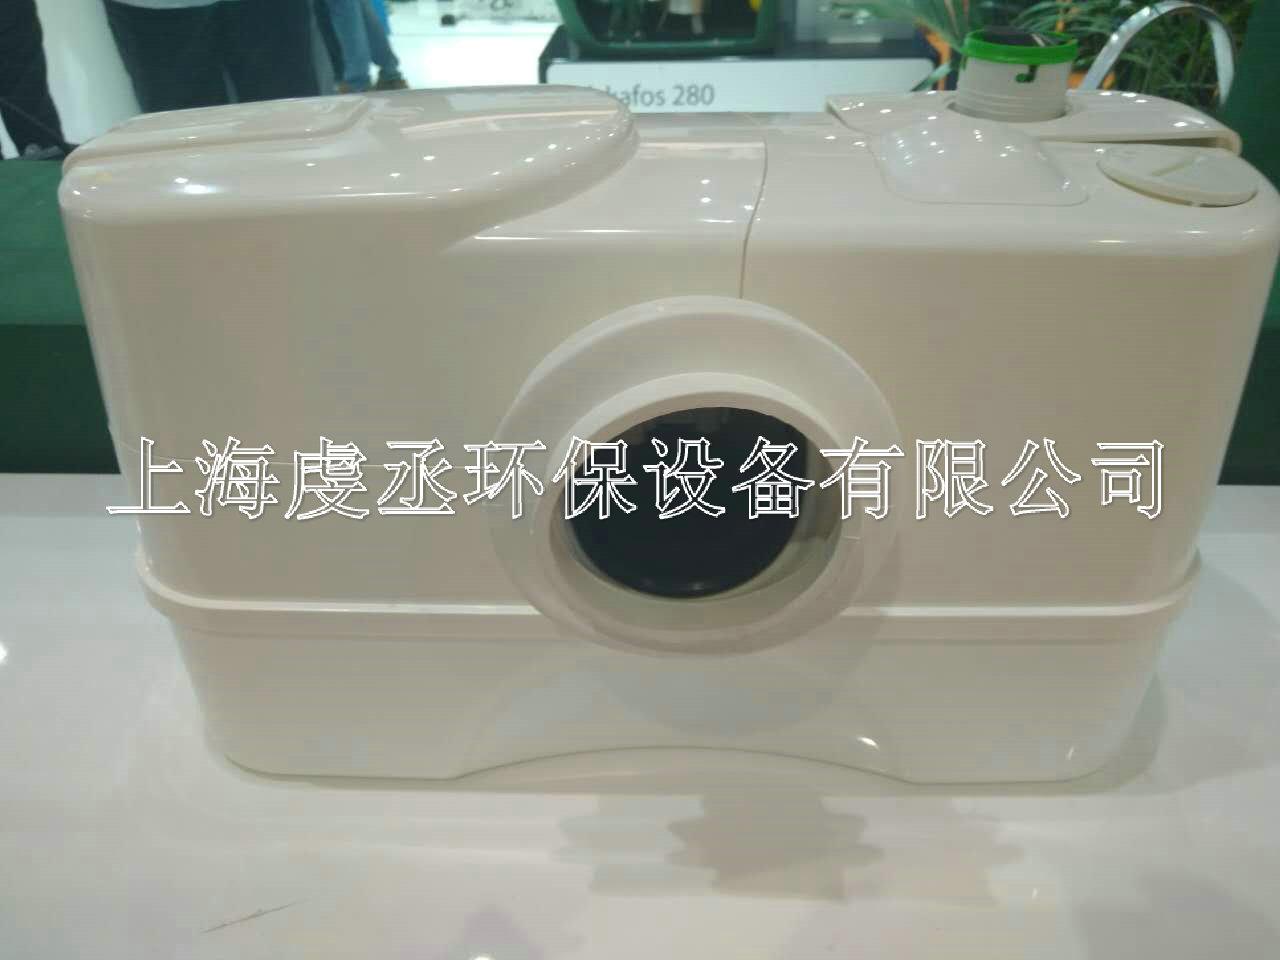 浙江知名污水提升器的用途和特點 誠信服務 上海虔丞環保設備供應